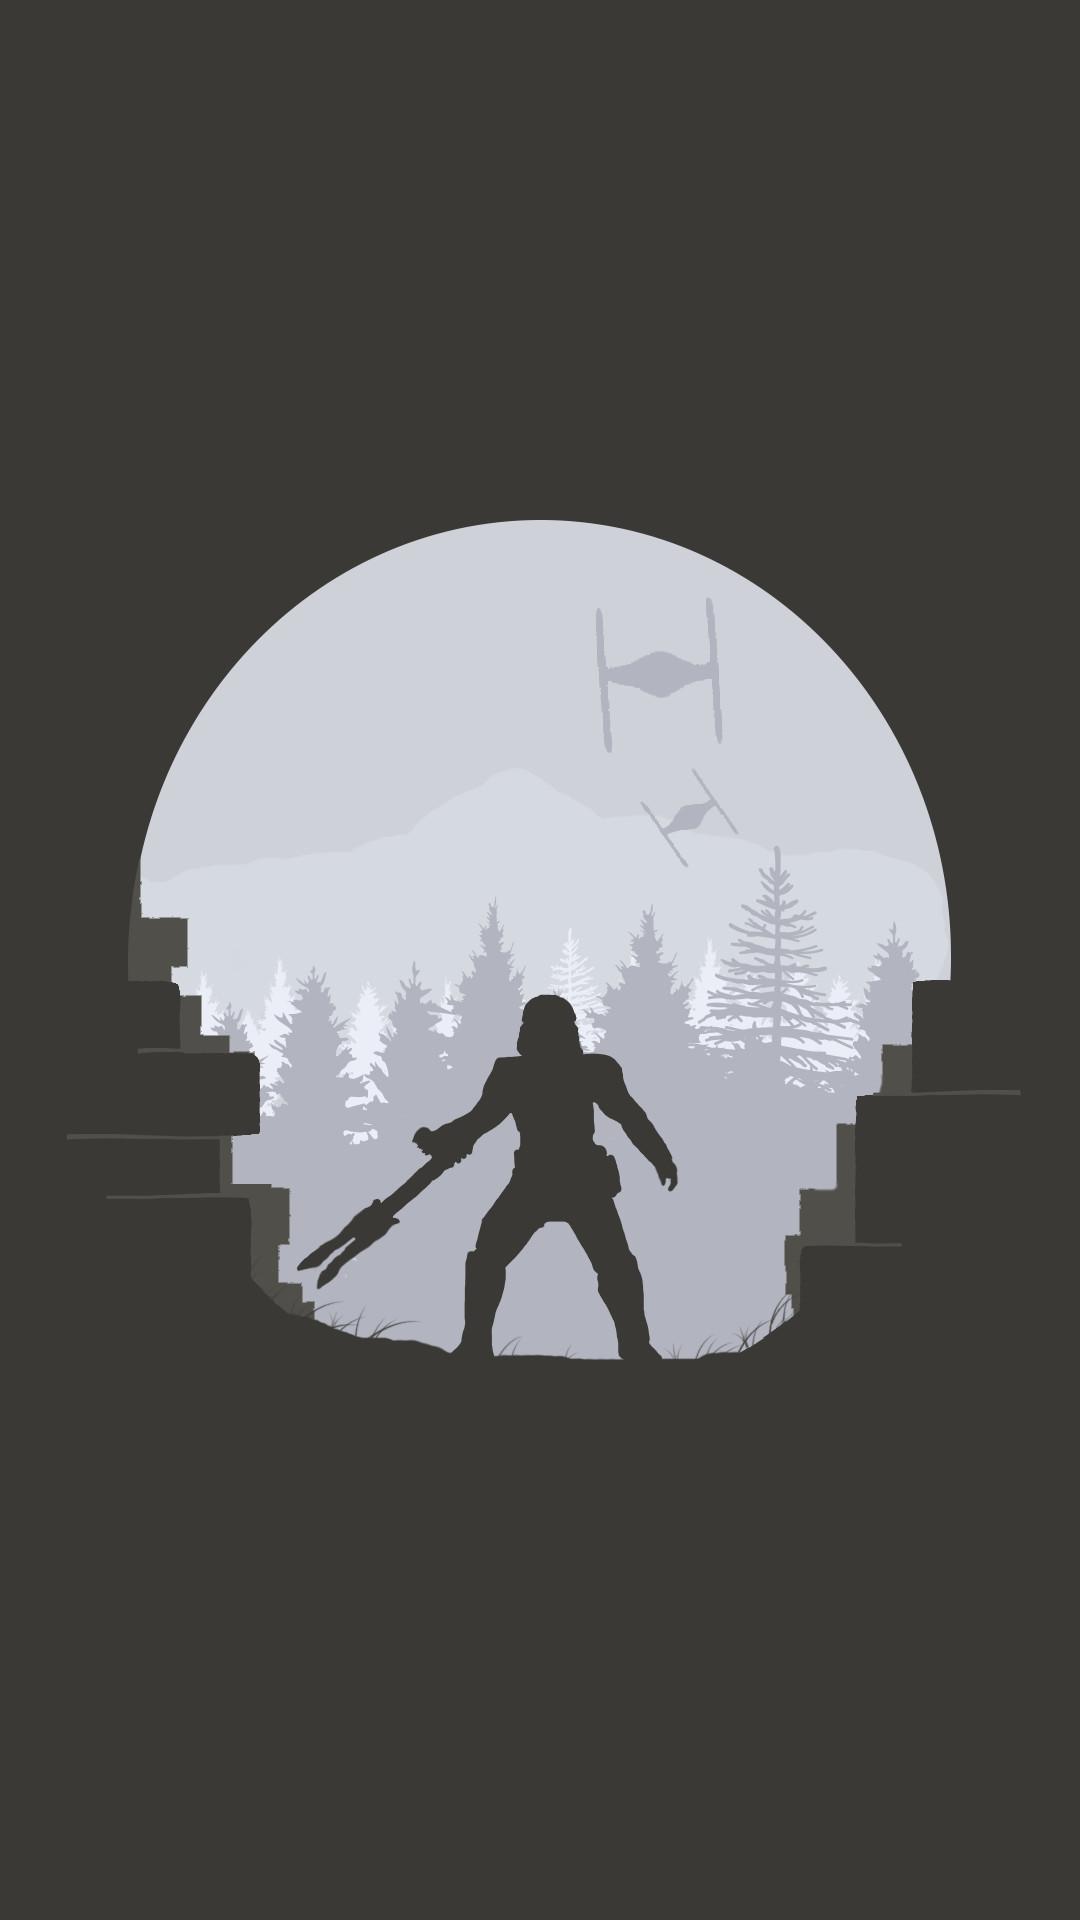 … desktop (1920 x 1080). Star Wars iPhone Wallpaper The Force Unleashed Kylo  Ren